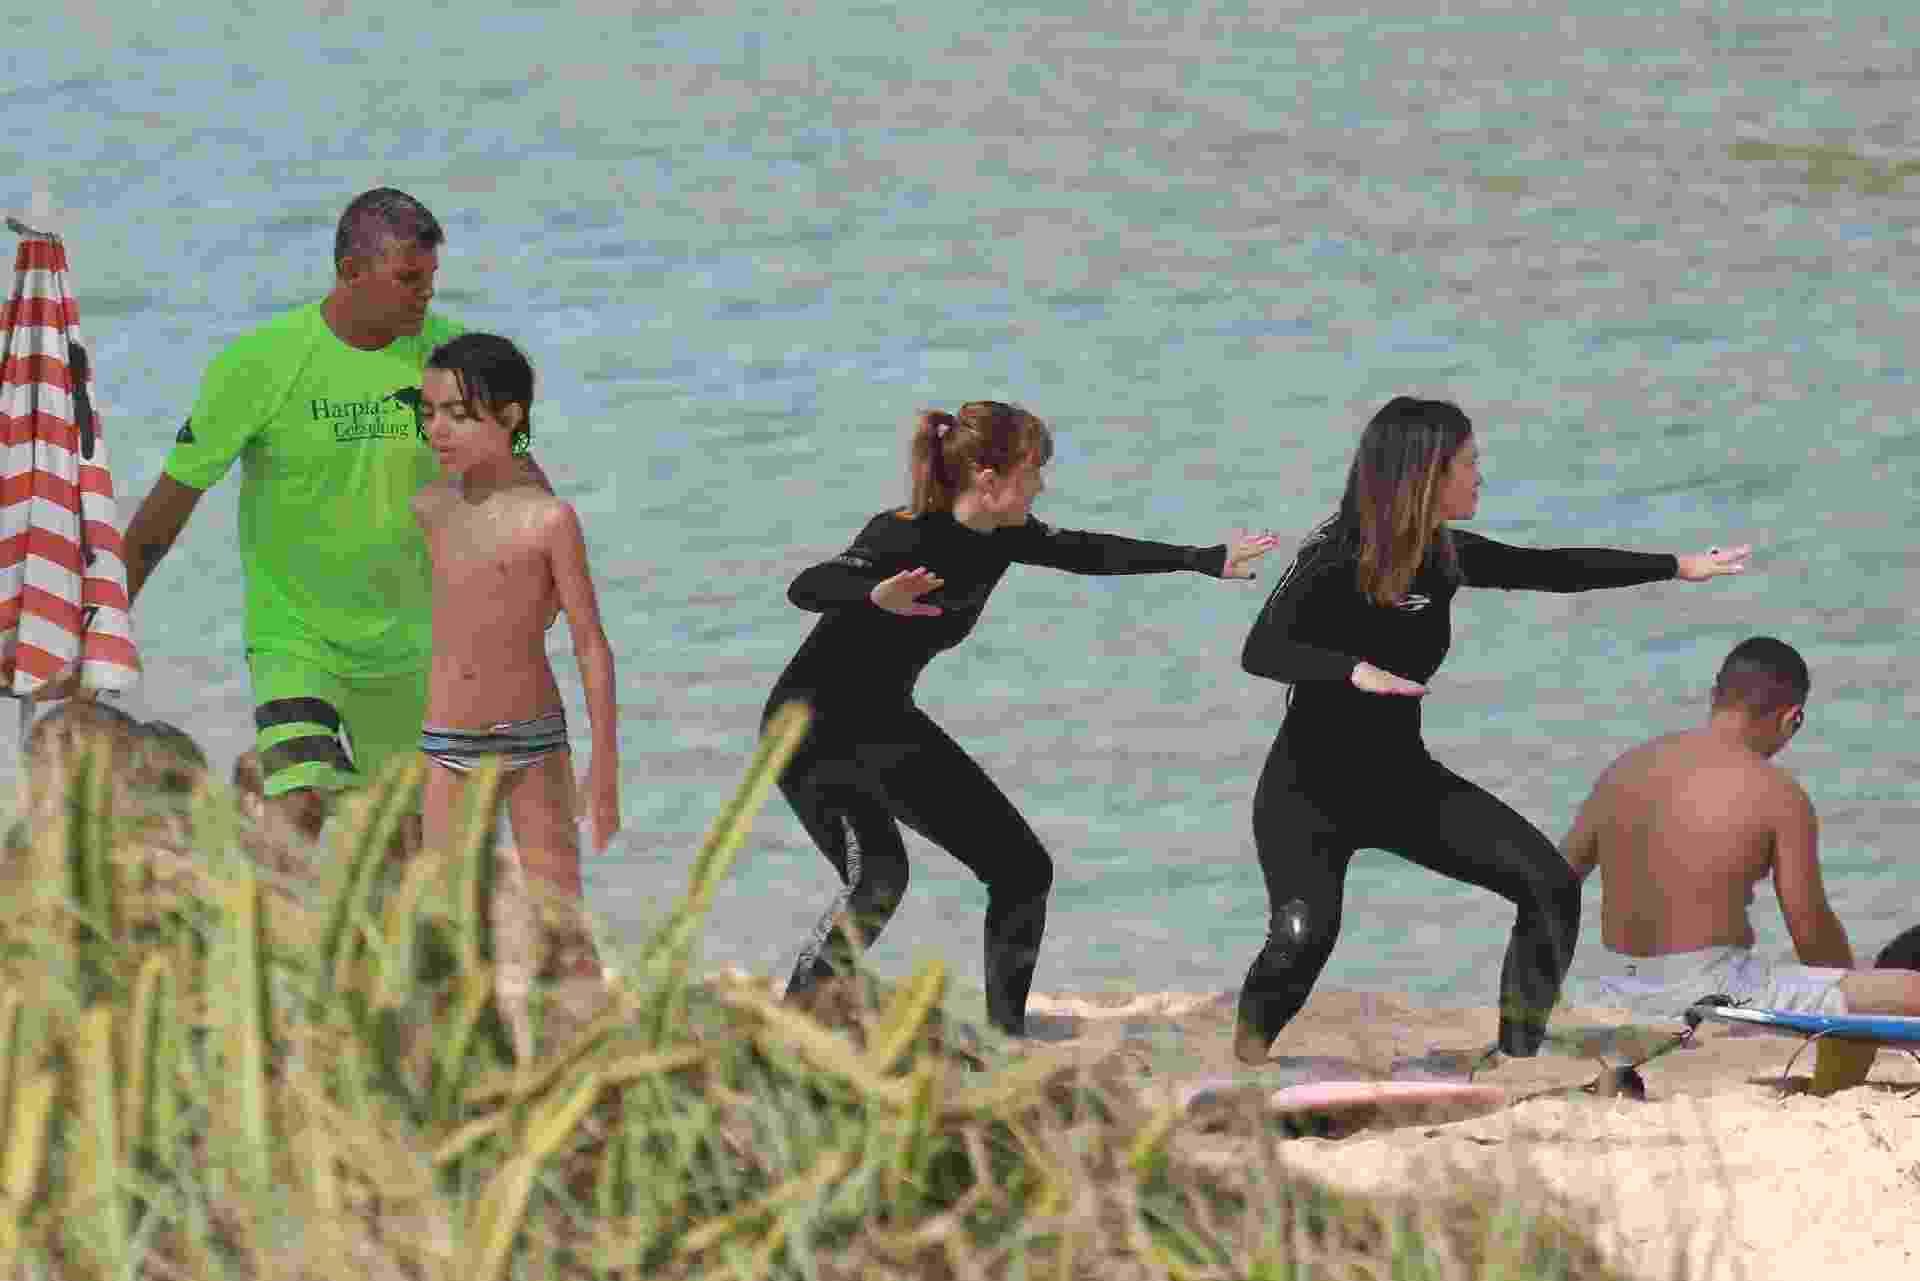 Mariana Ximenes faz aula de surfe no Rio de Janeiro - Dilson Silva/AgNews